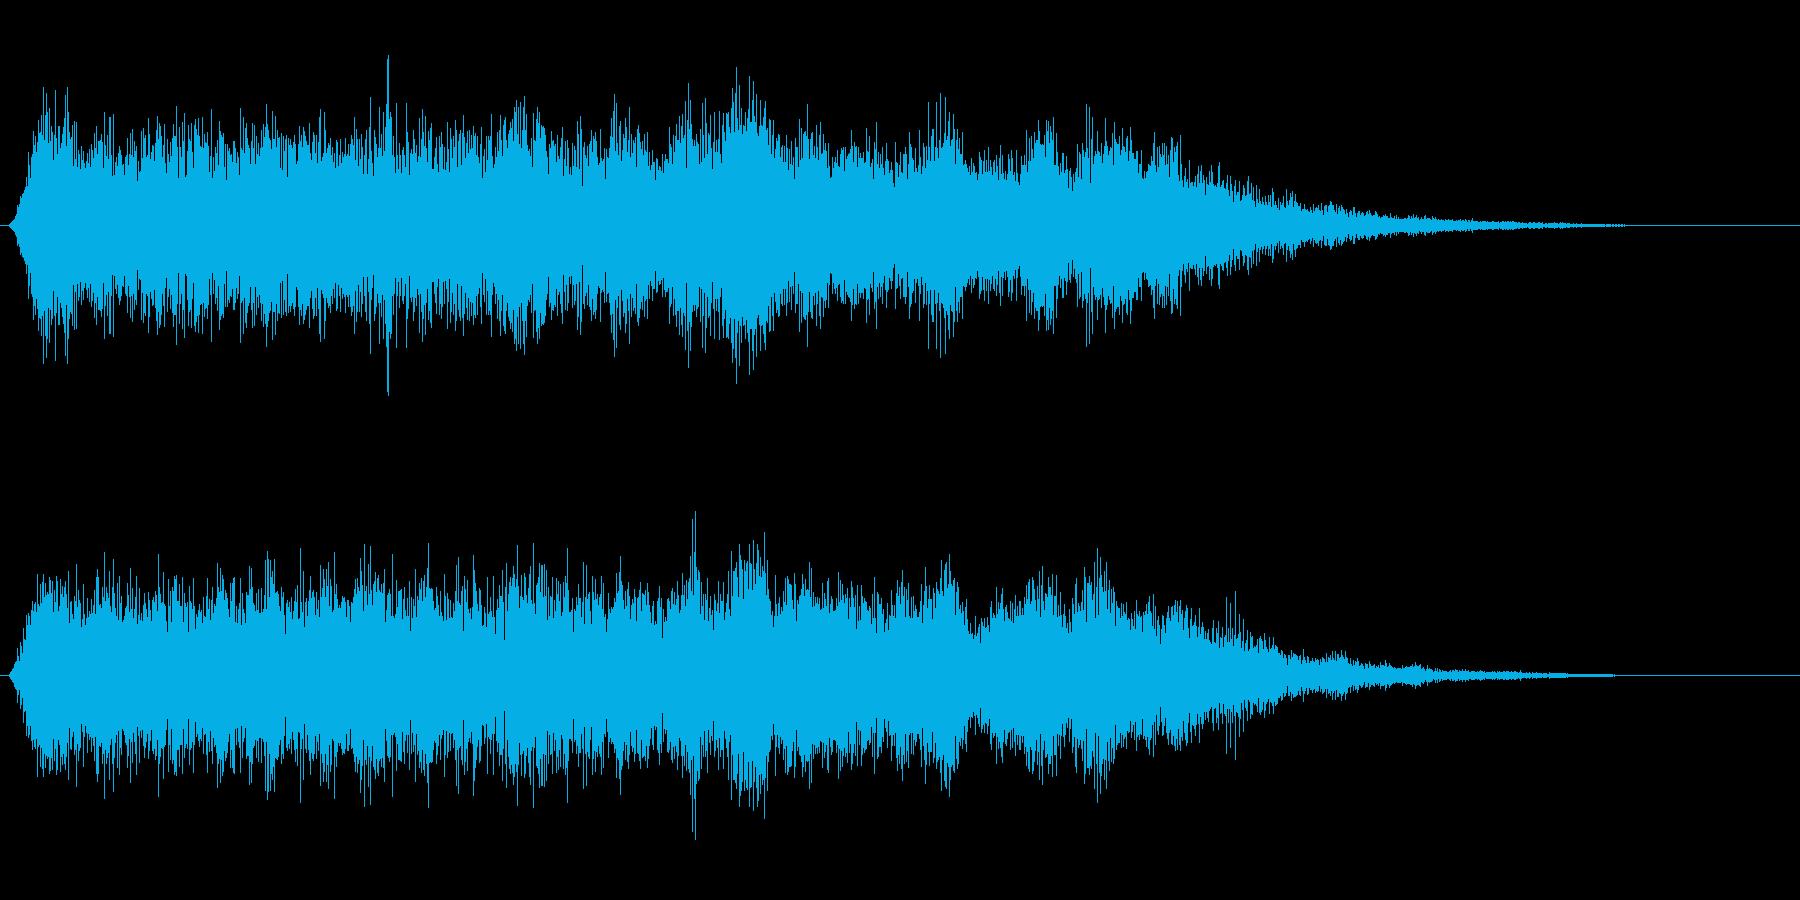 シンセサイザーのジュワーンとした音の再生済みの波形